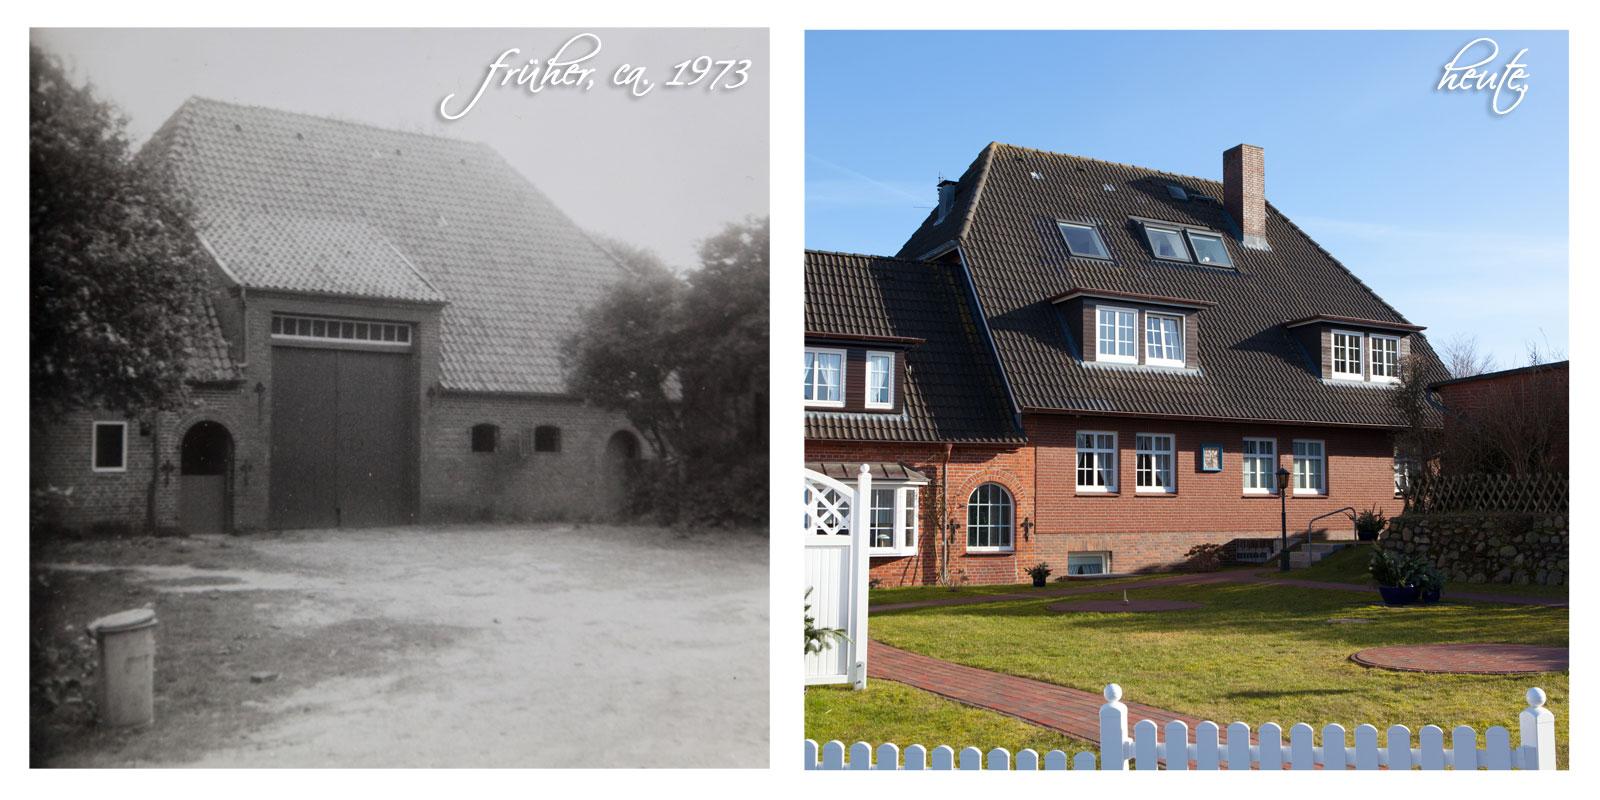 Historie 1973 und Heute